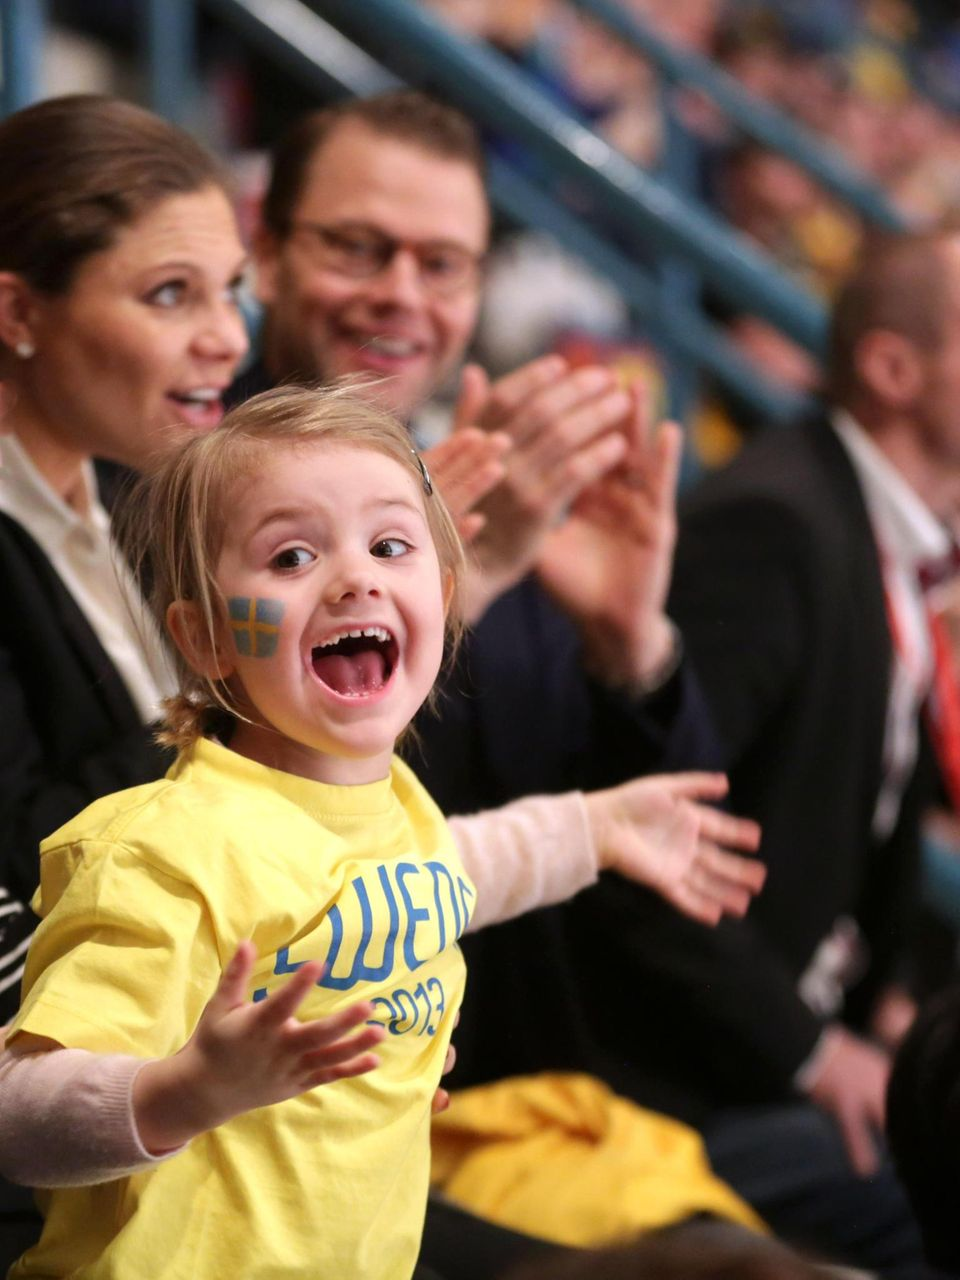 Prinzessin Estelle zeigt sich beim Eishockeyspiel Schweden gegen Finnland als begeisterter Fan des Sports und kann kaum stillhalten